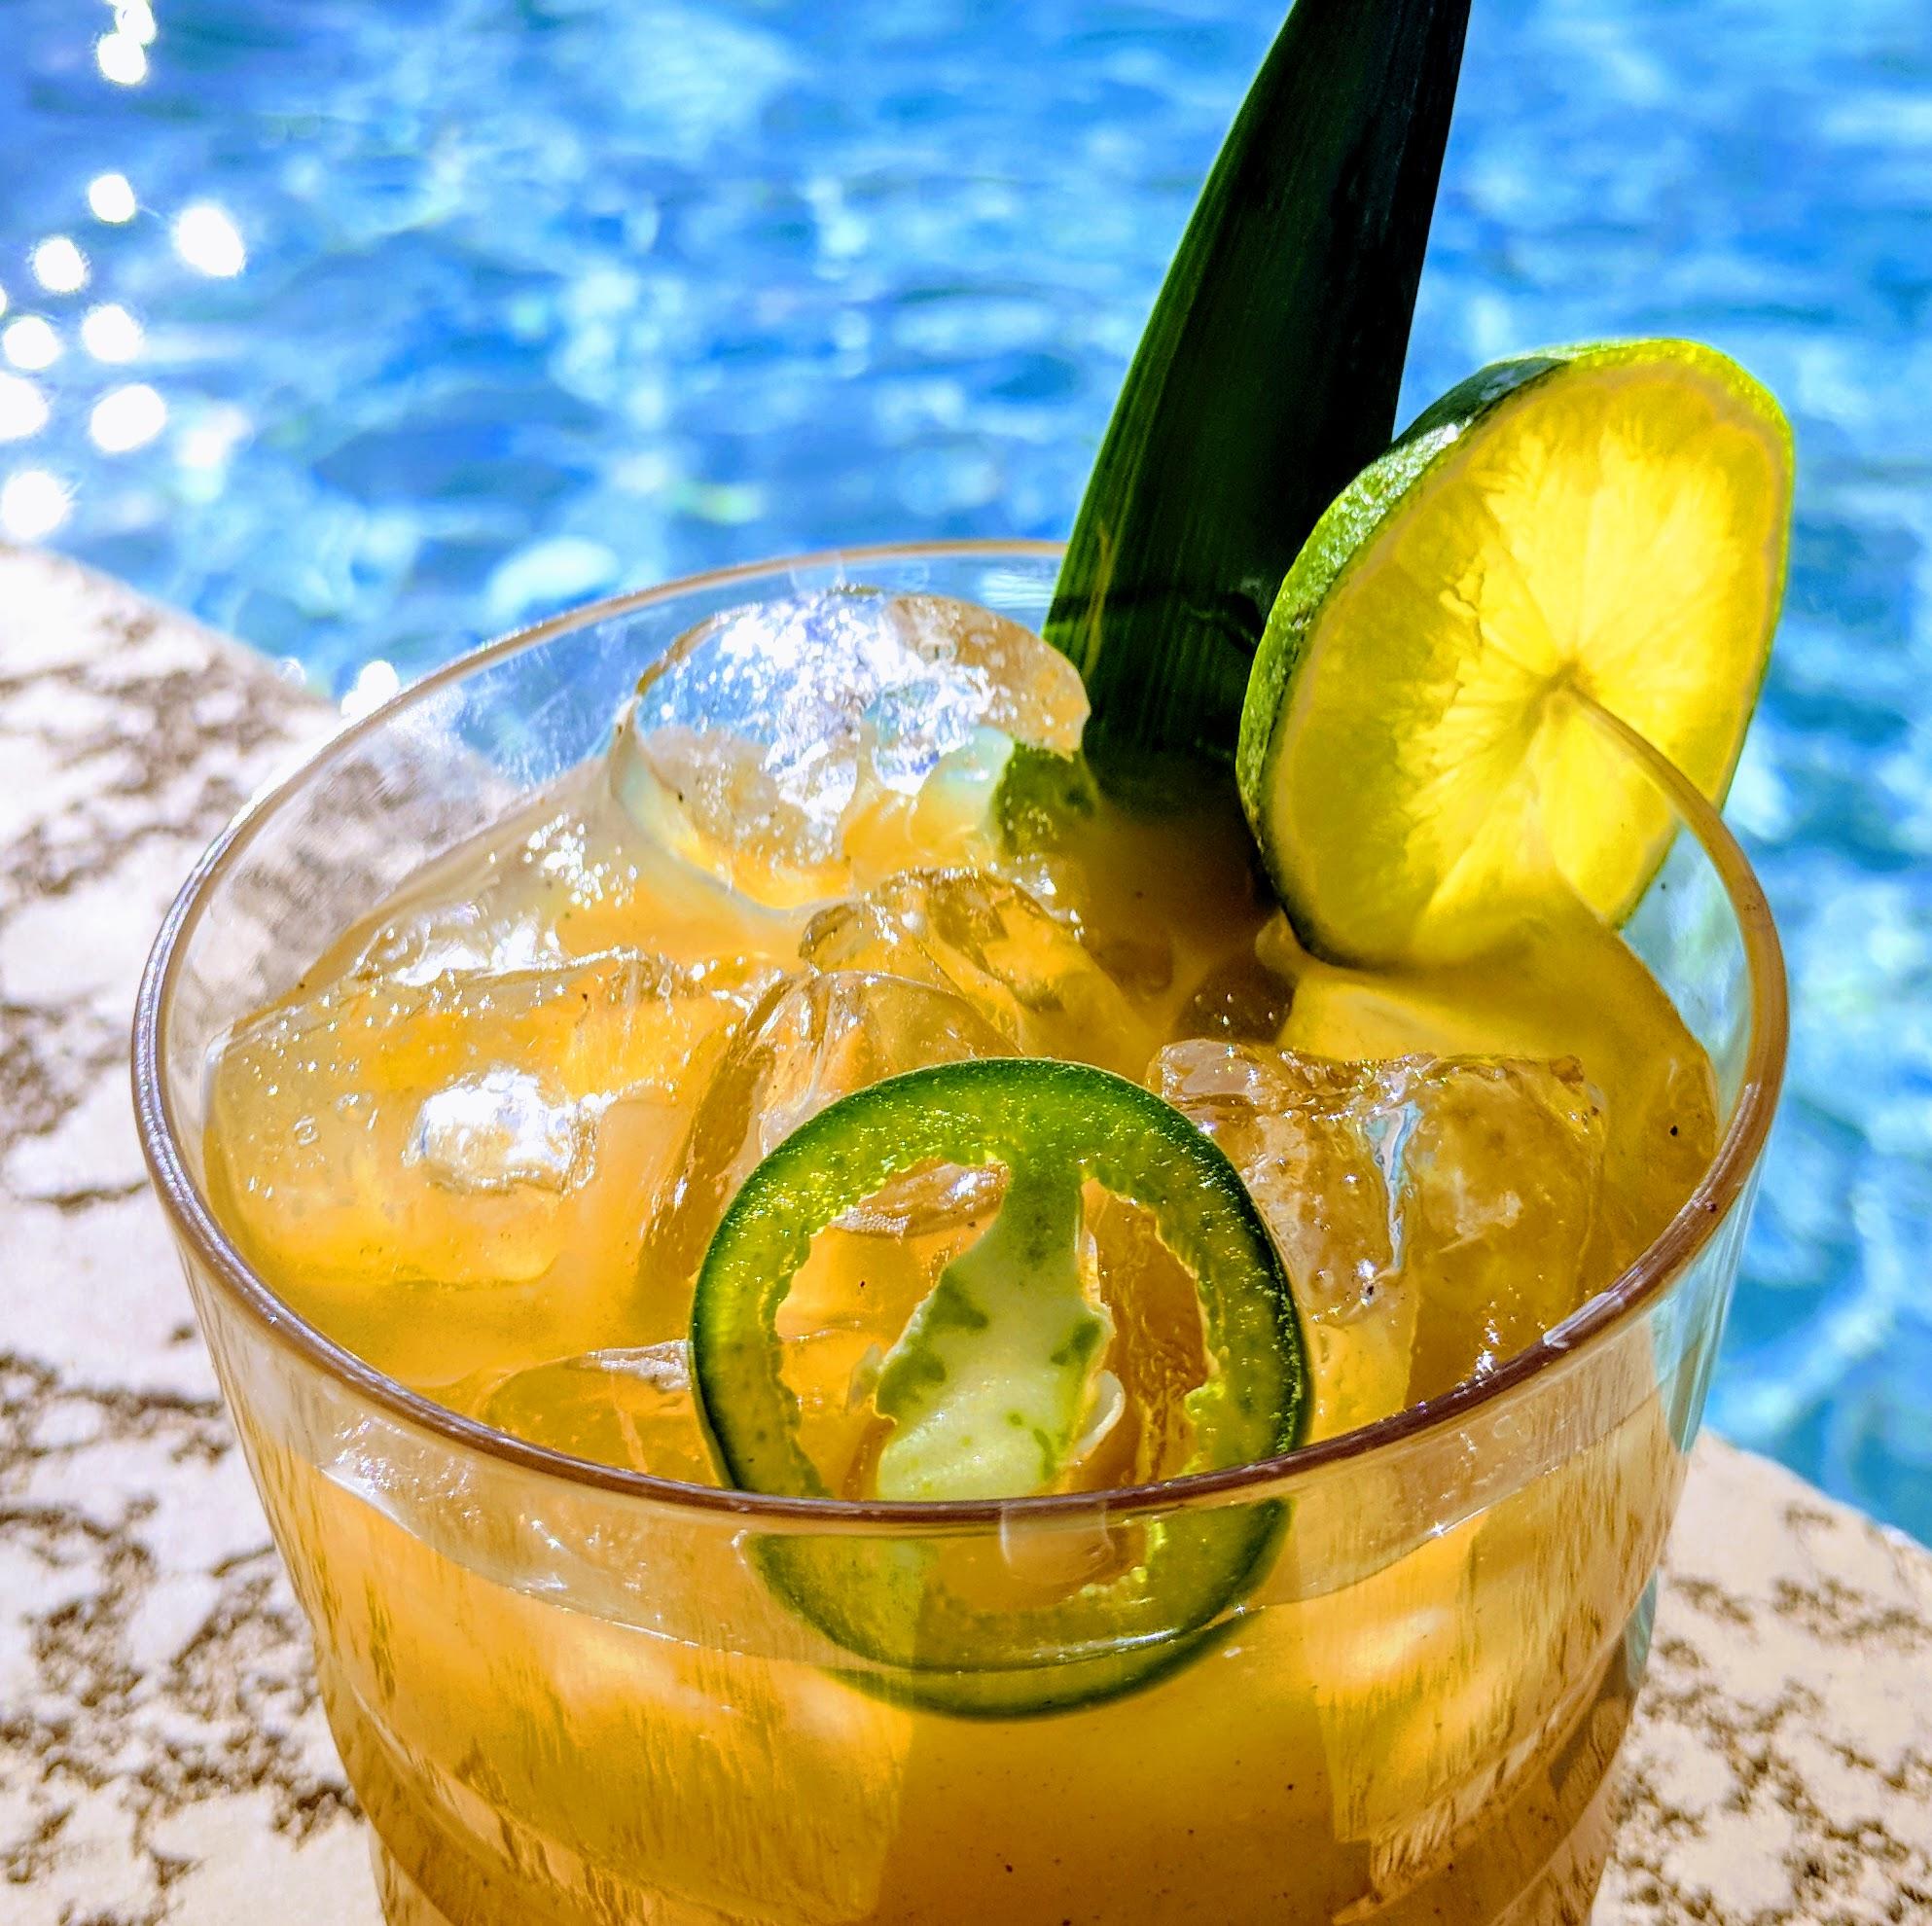 Grilled Pineapple & Jalapeno Margarita